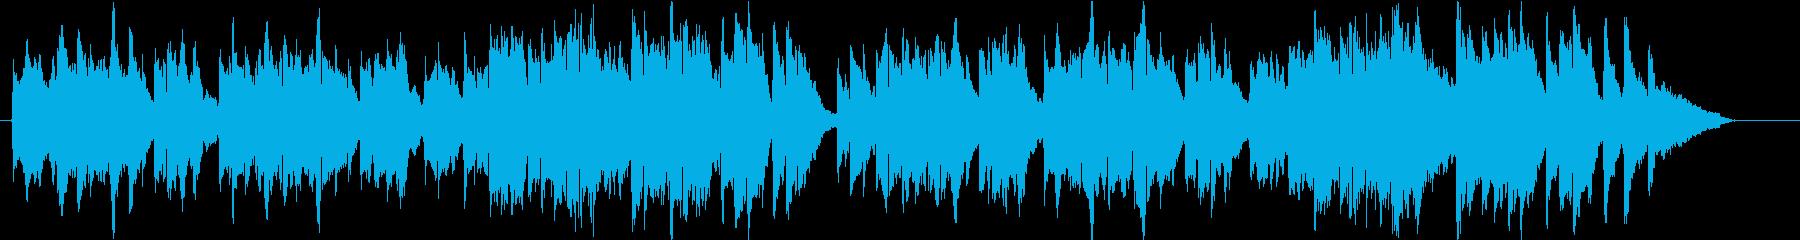 クリスマスの讃美歌をヴァイオリンでの再生済みの波形